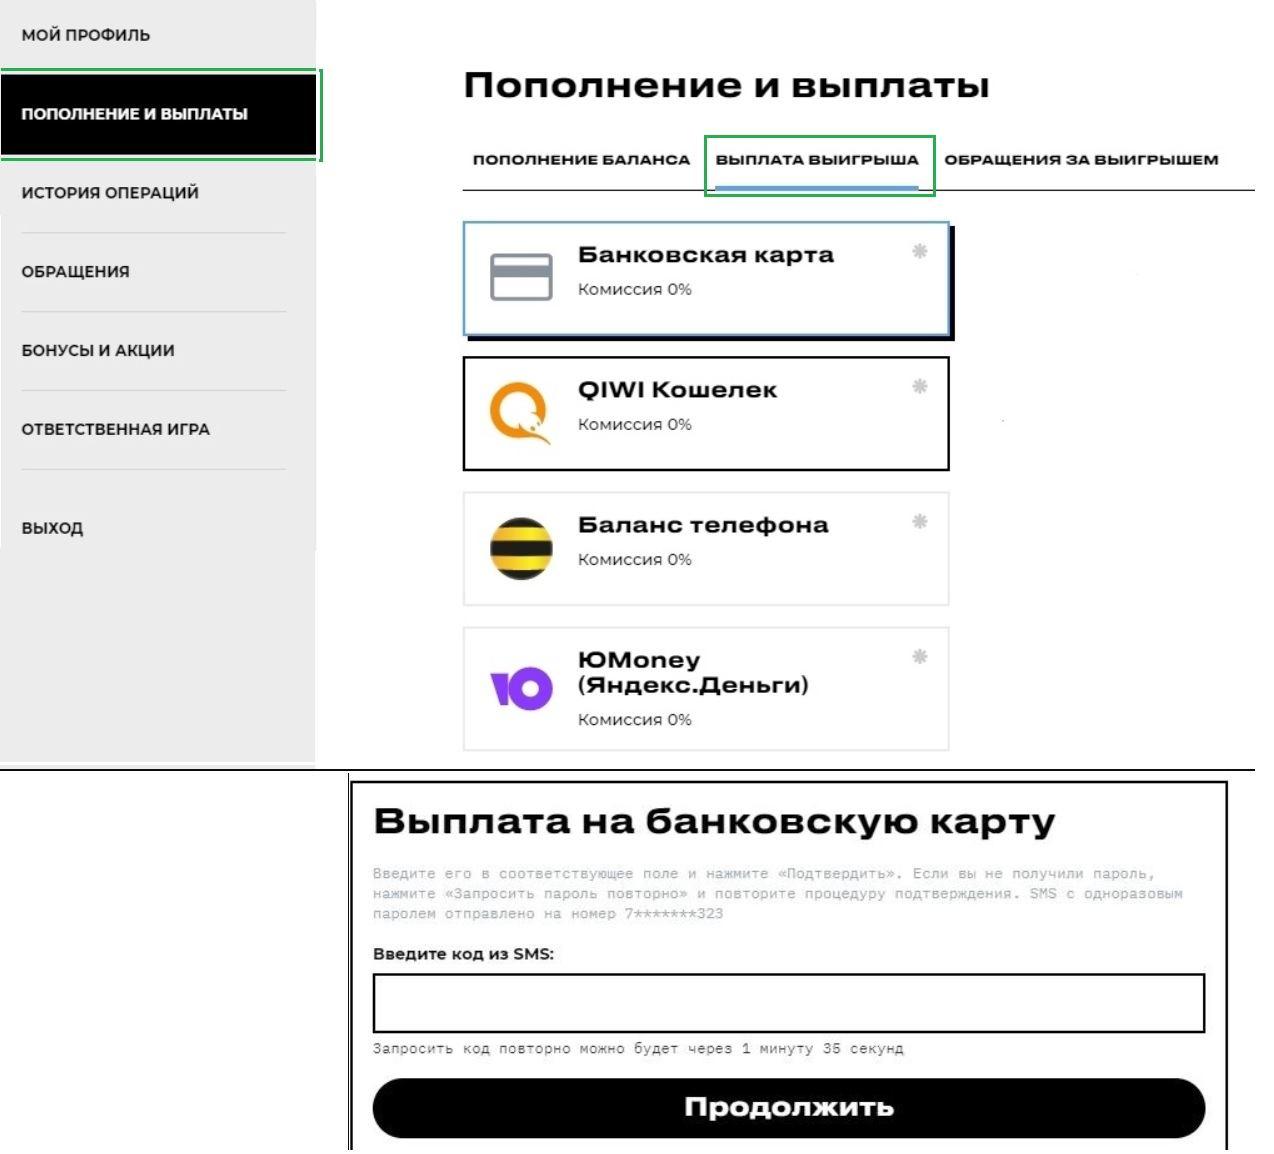 vyplata vyigrysha BK bettery ru instruktsiya